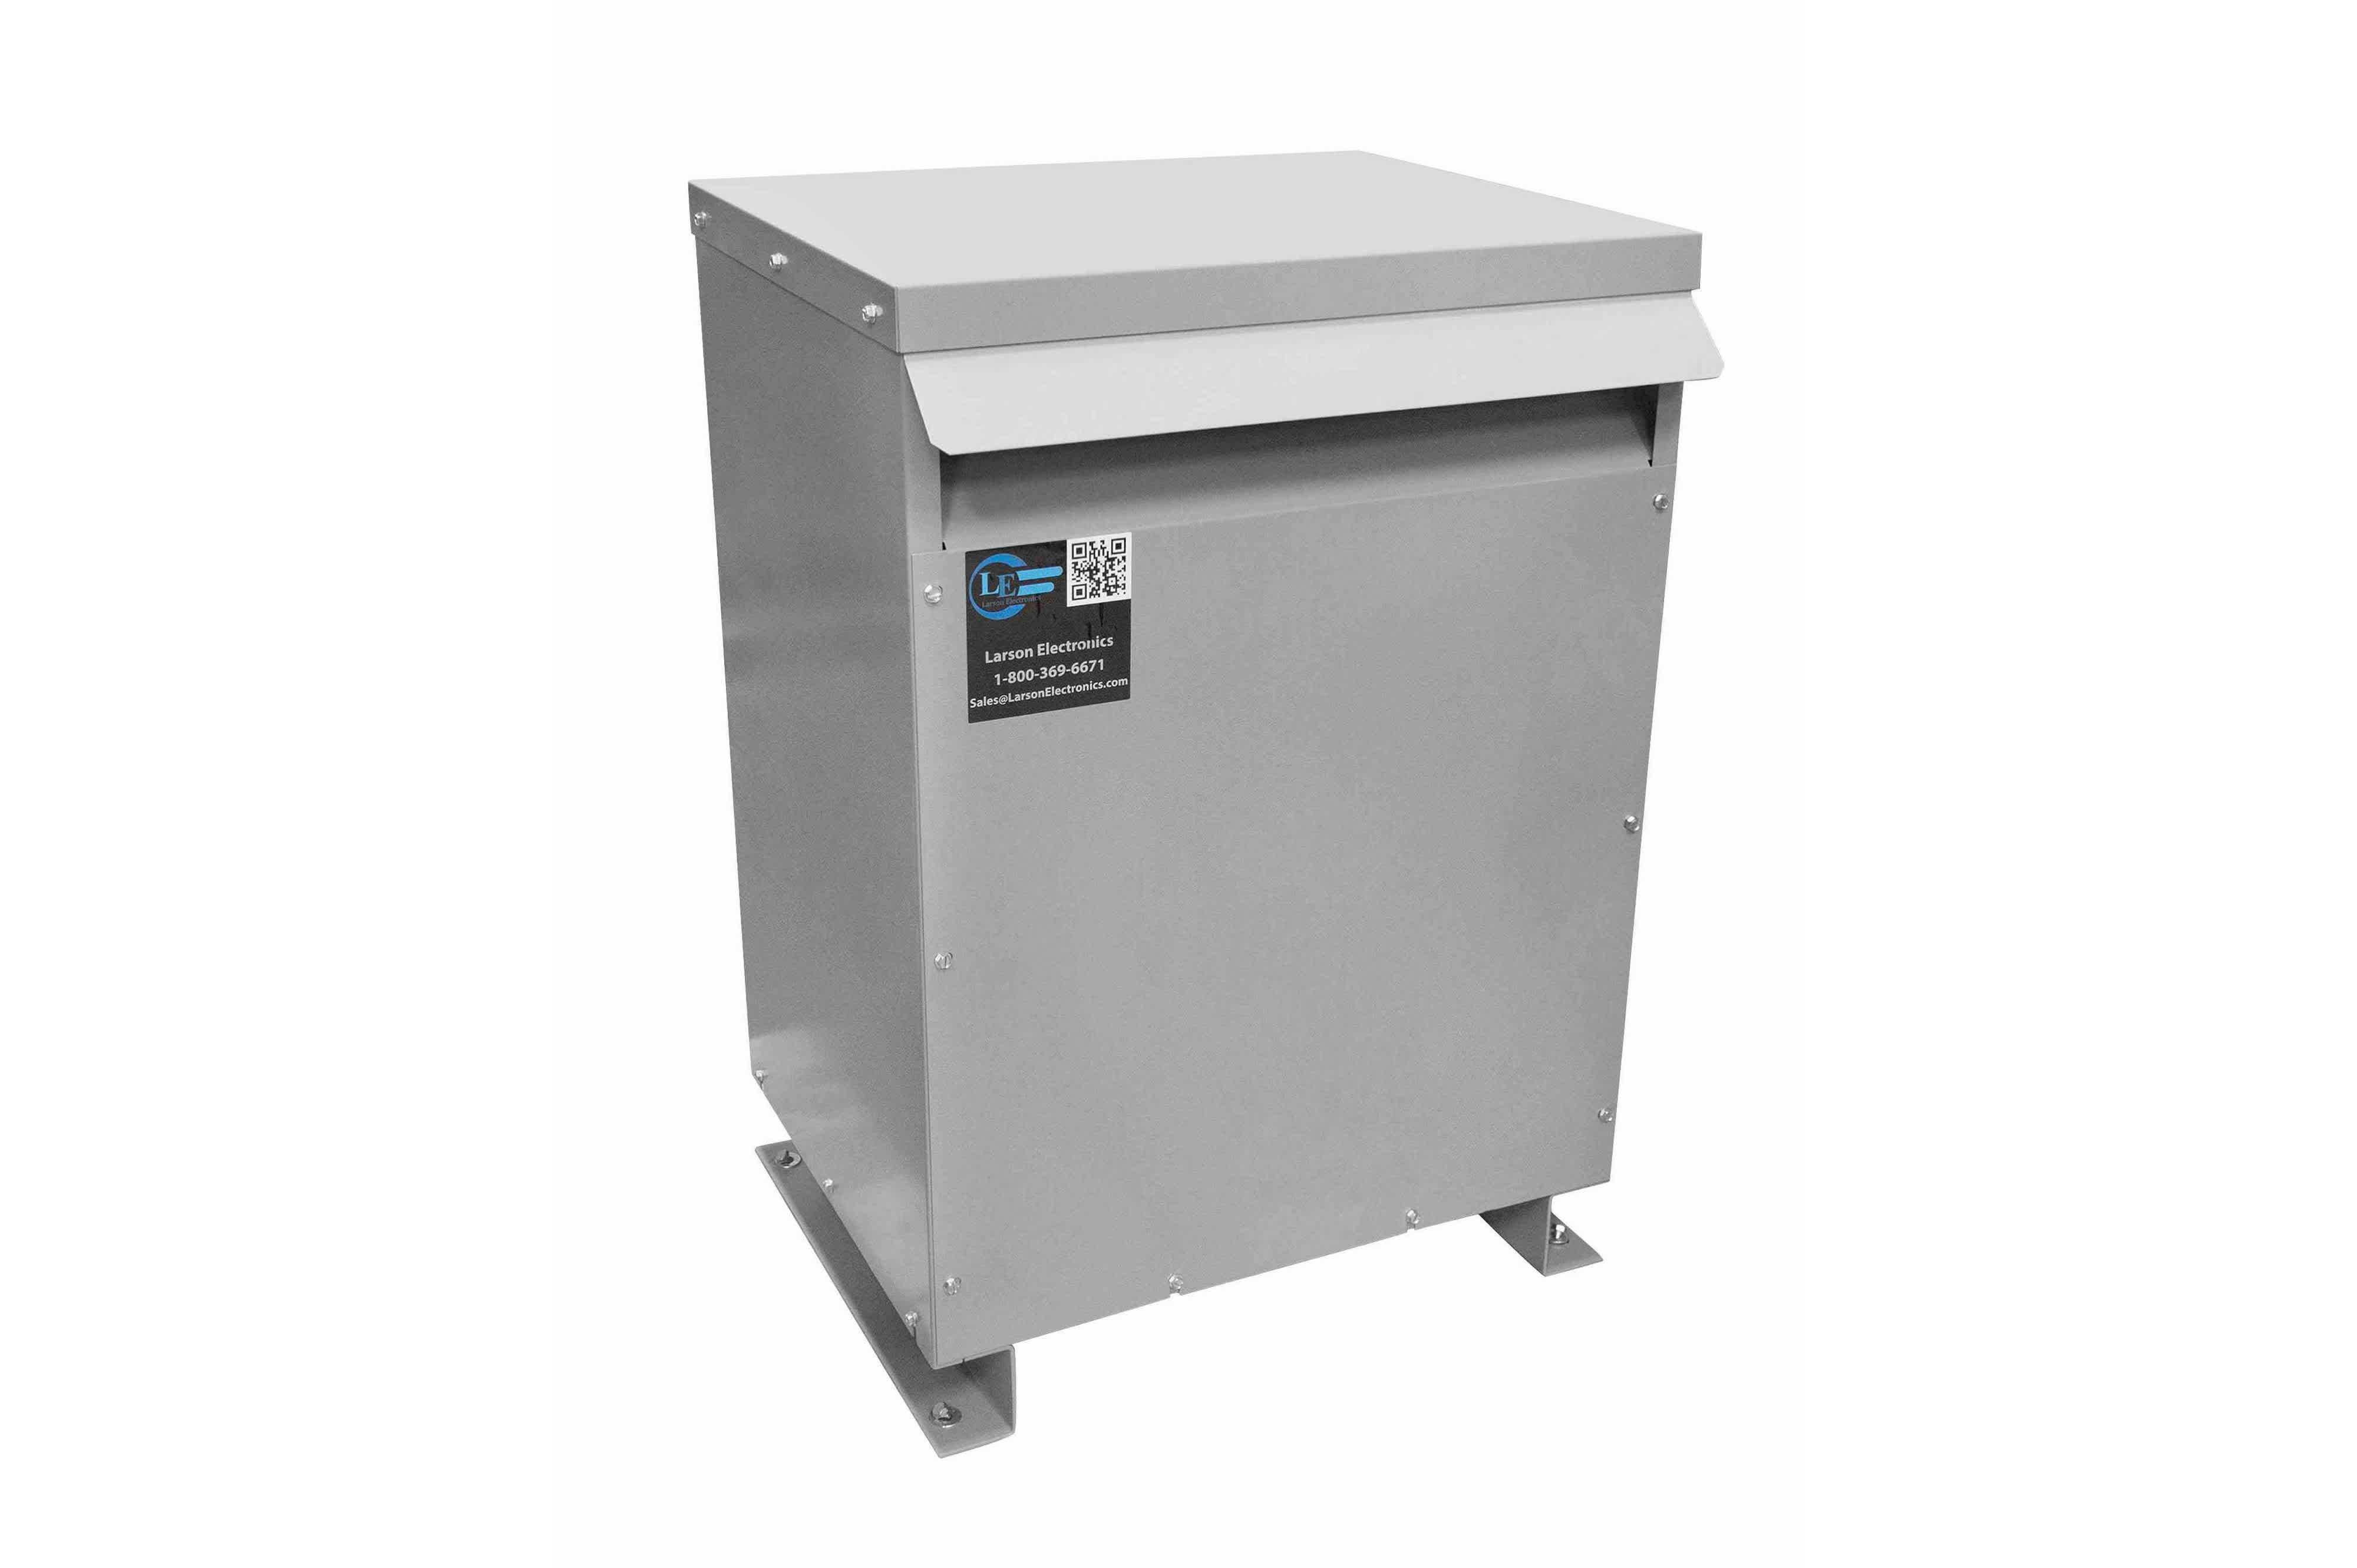 30 kVA 3PH Isolation Transformer, 460V Delta Primary, 208V Delta Secondary, N3R, Ventilated, 60 Hz